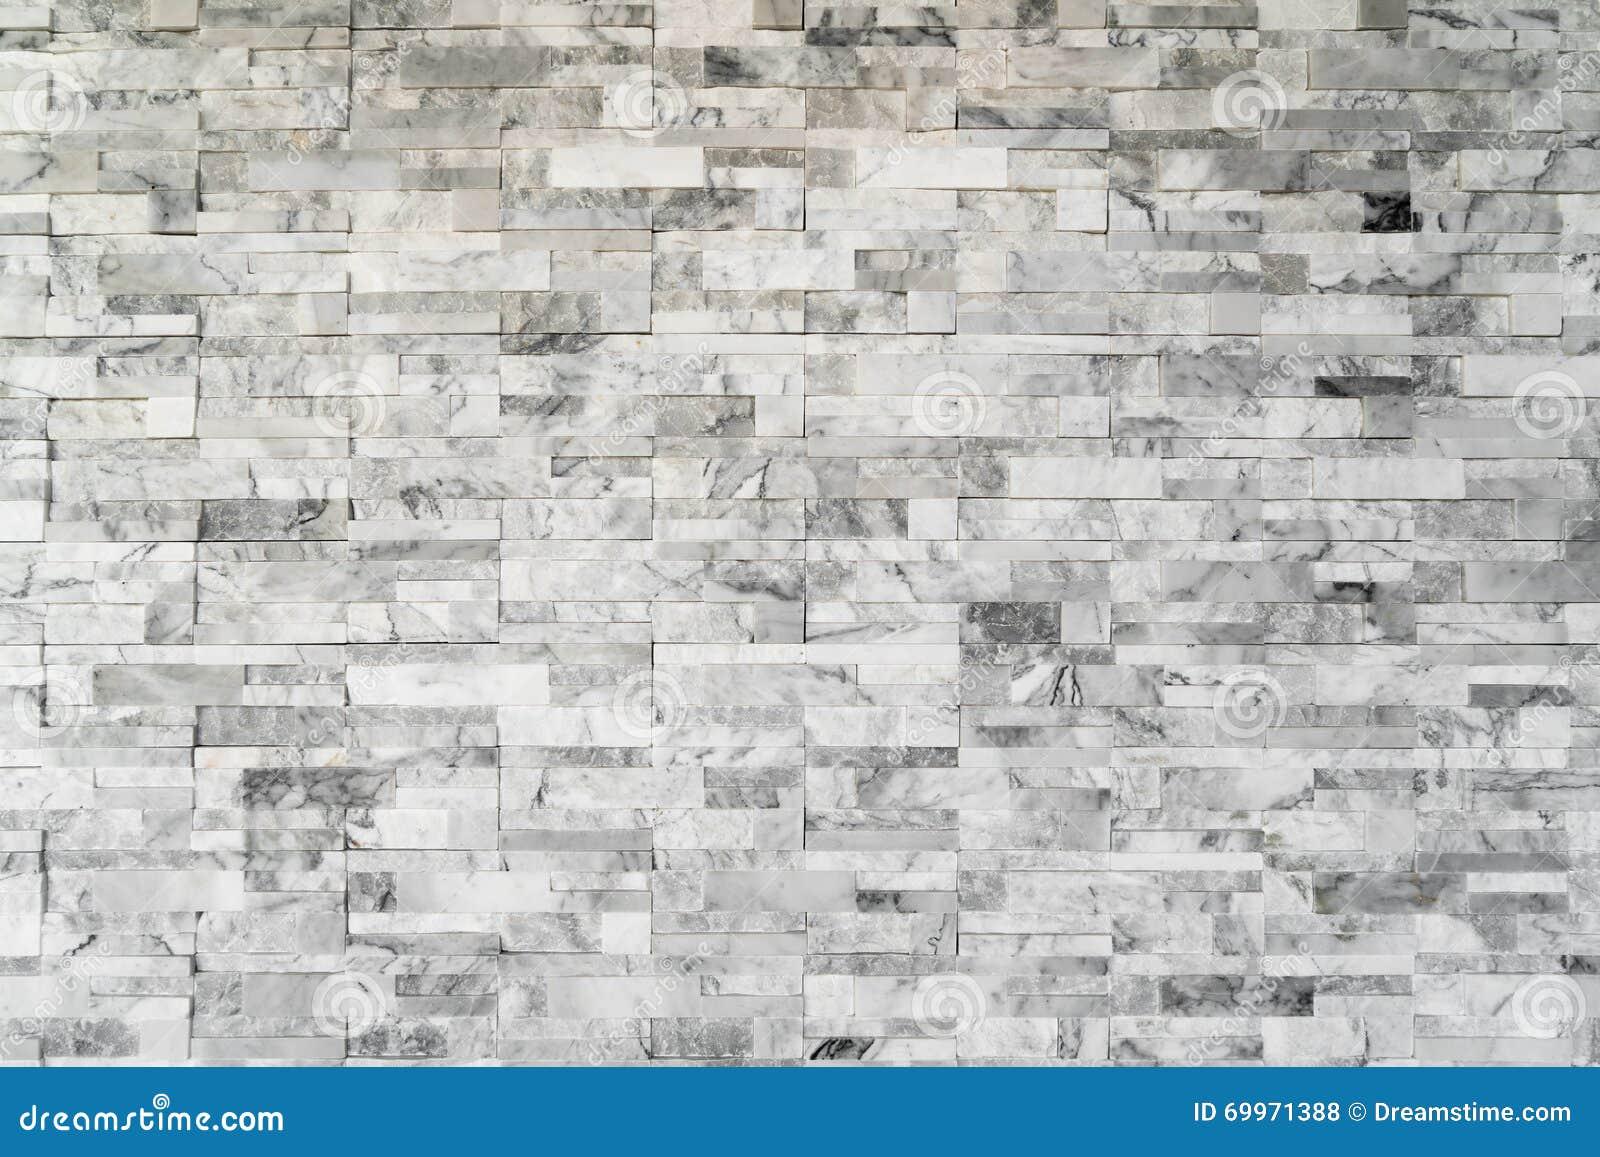 Piedras pared interior saln con pared piedra y pintura - Pared piedra interior ...